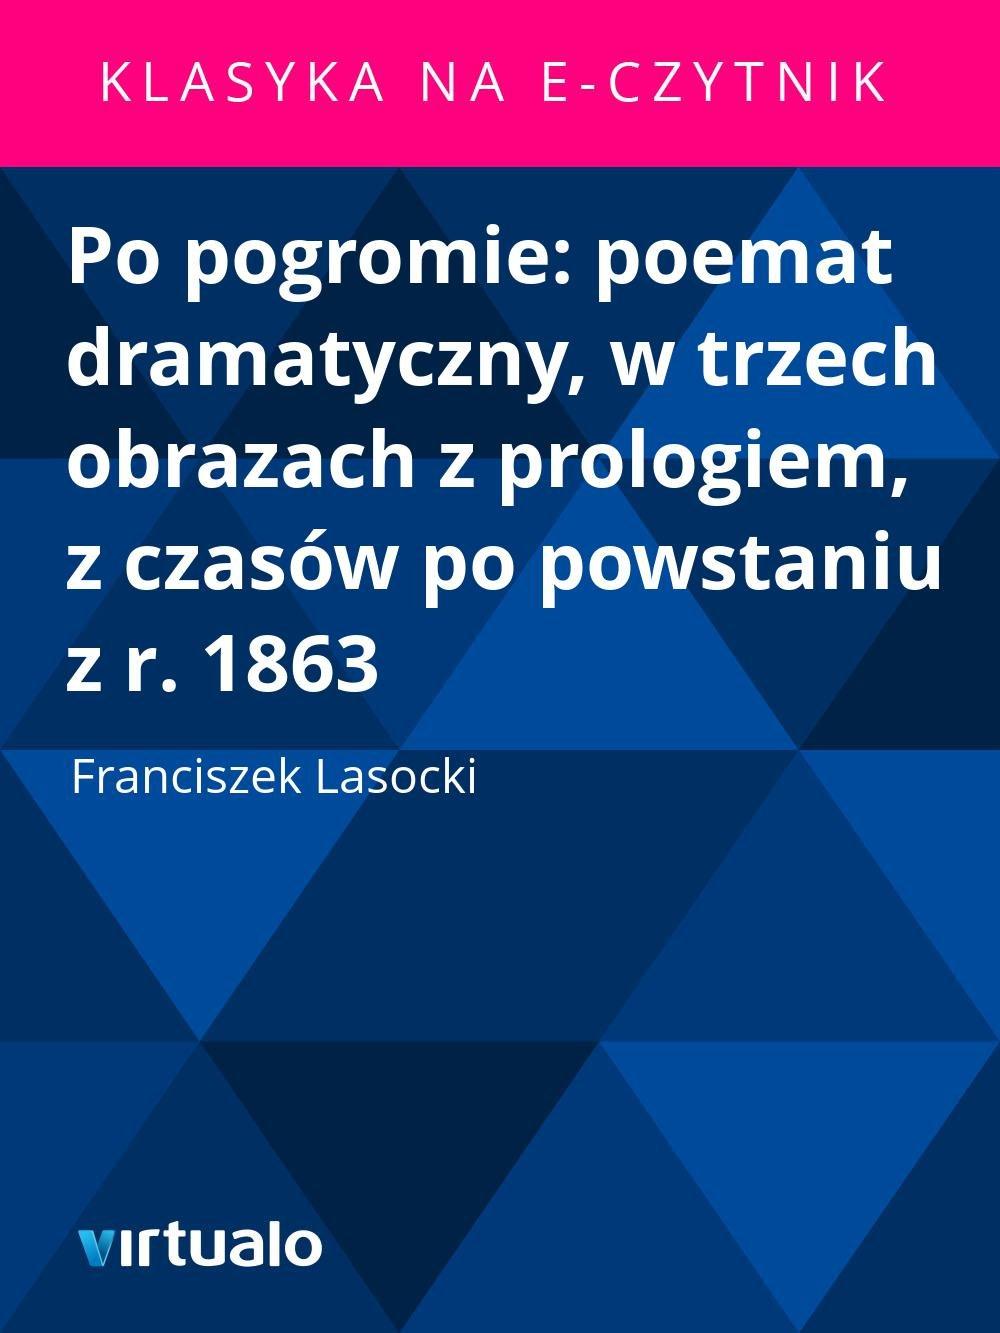 Po pogromie: poemat dramatyczny, w trzech obrazach z prologiem, z czasów po powstaniu z r. 1863 - Ebook (Książka EPUB) do pobrania w formacie EPUB